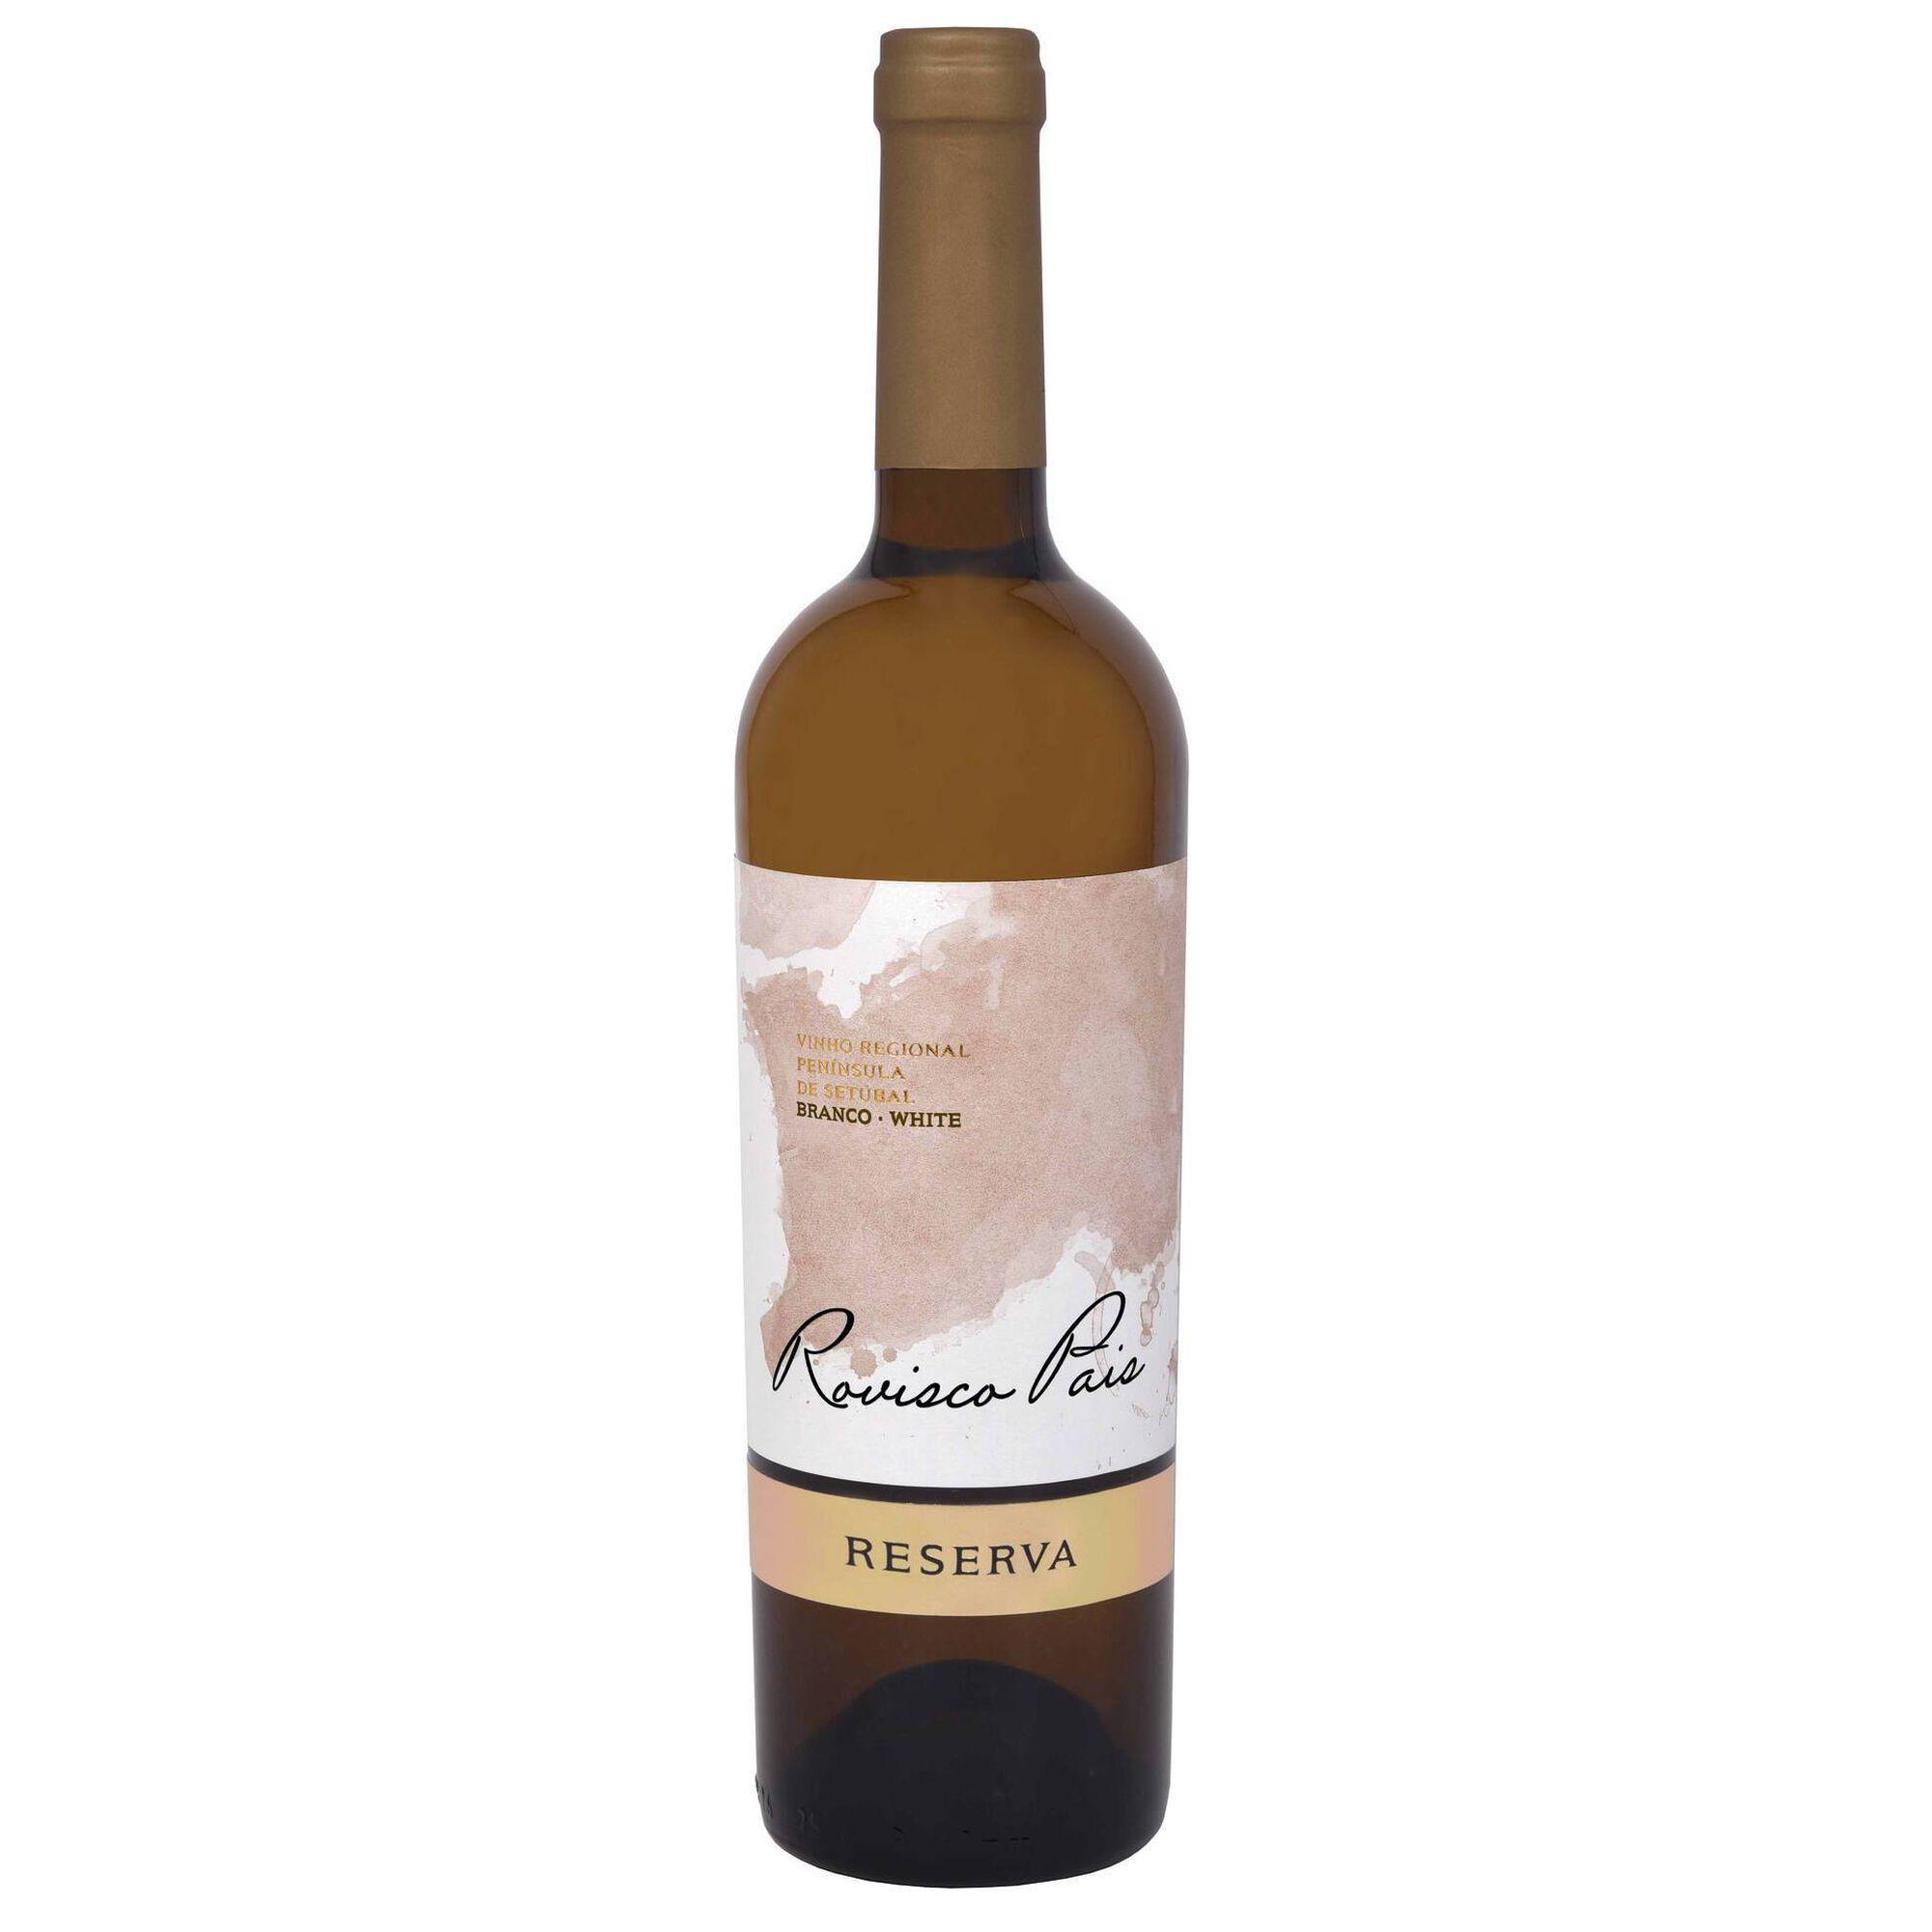 Rovisco Pais Reserva Regional Península de Setúbal Vinho Branco